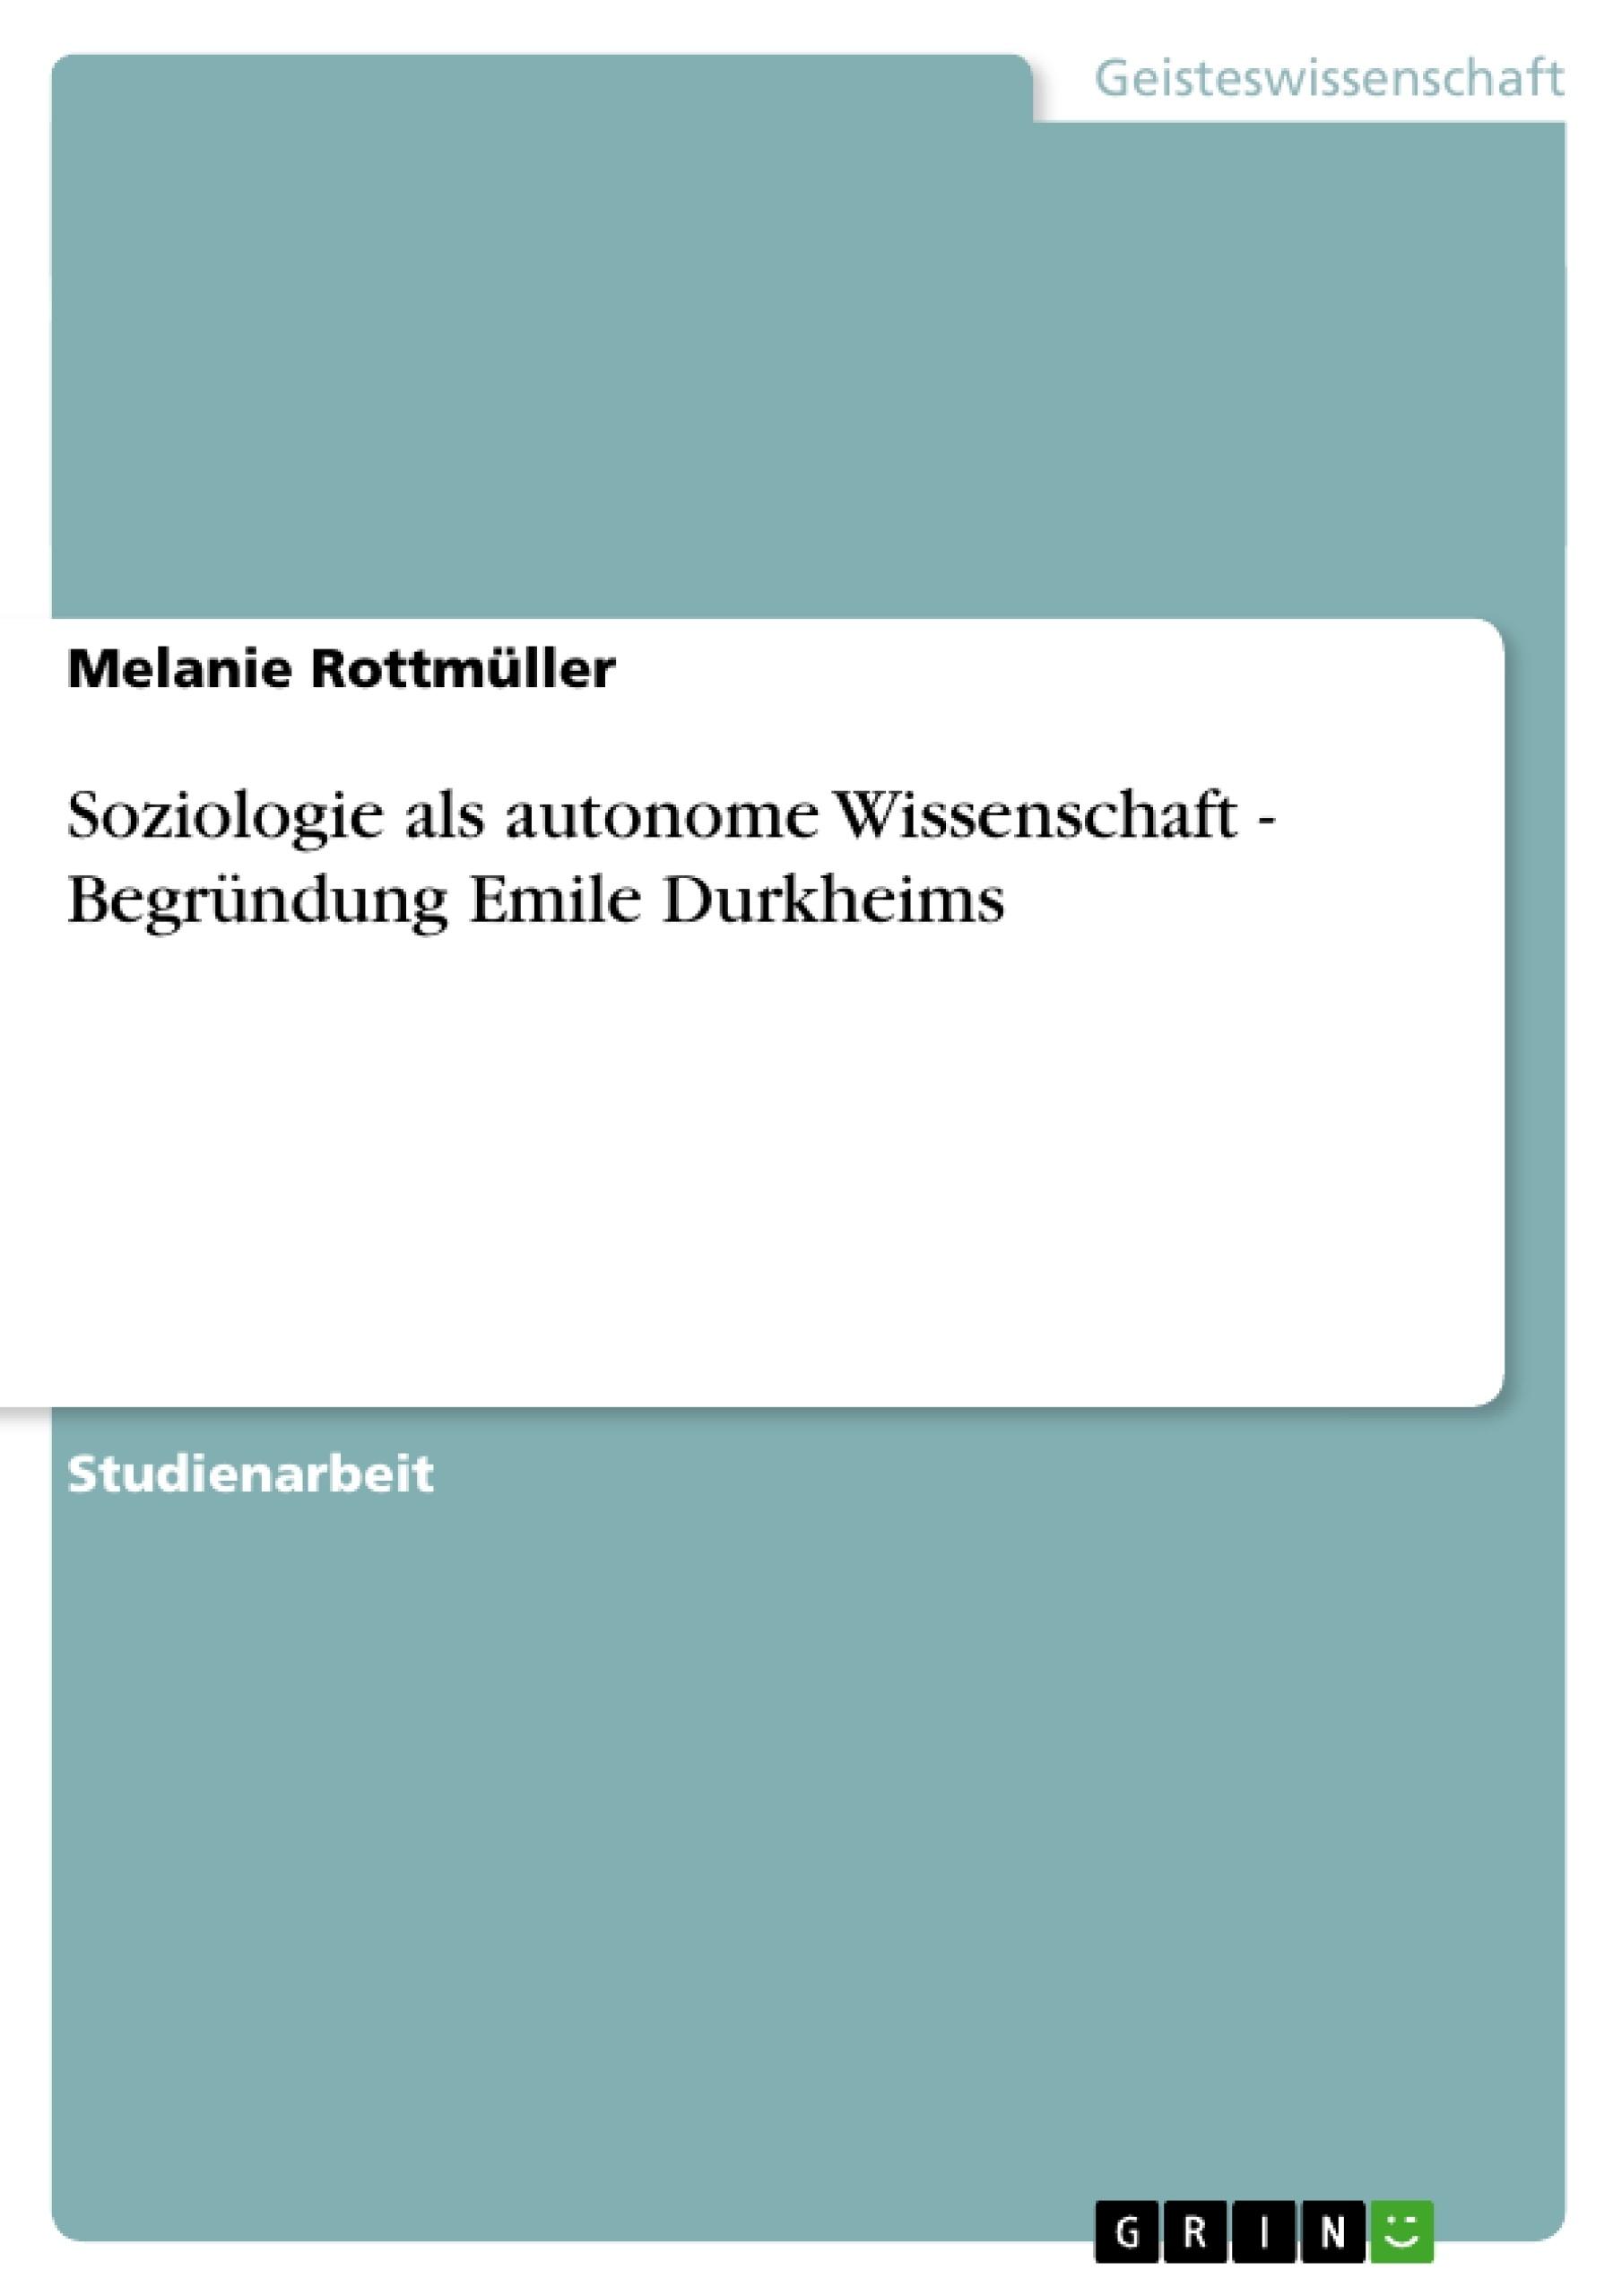 Titel: Soziologie als autonome Wissenschaft - Begründung Emile Durkheims